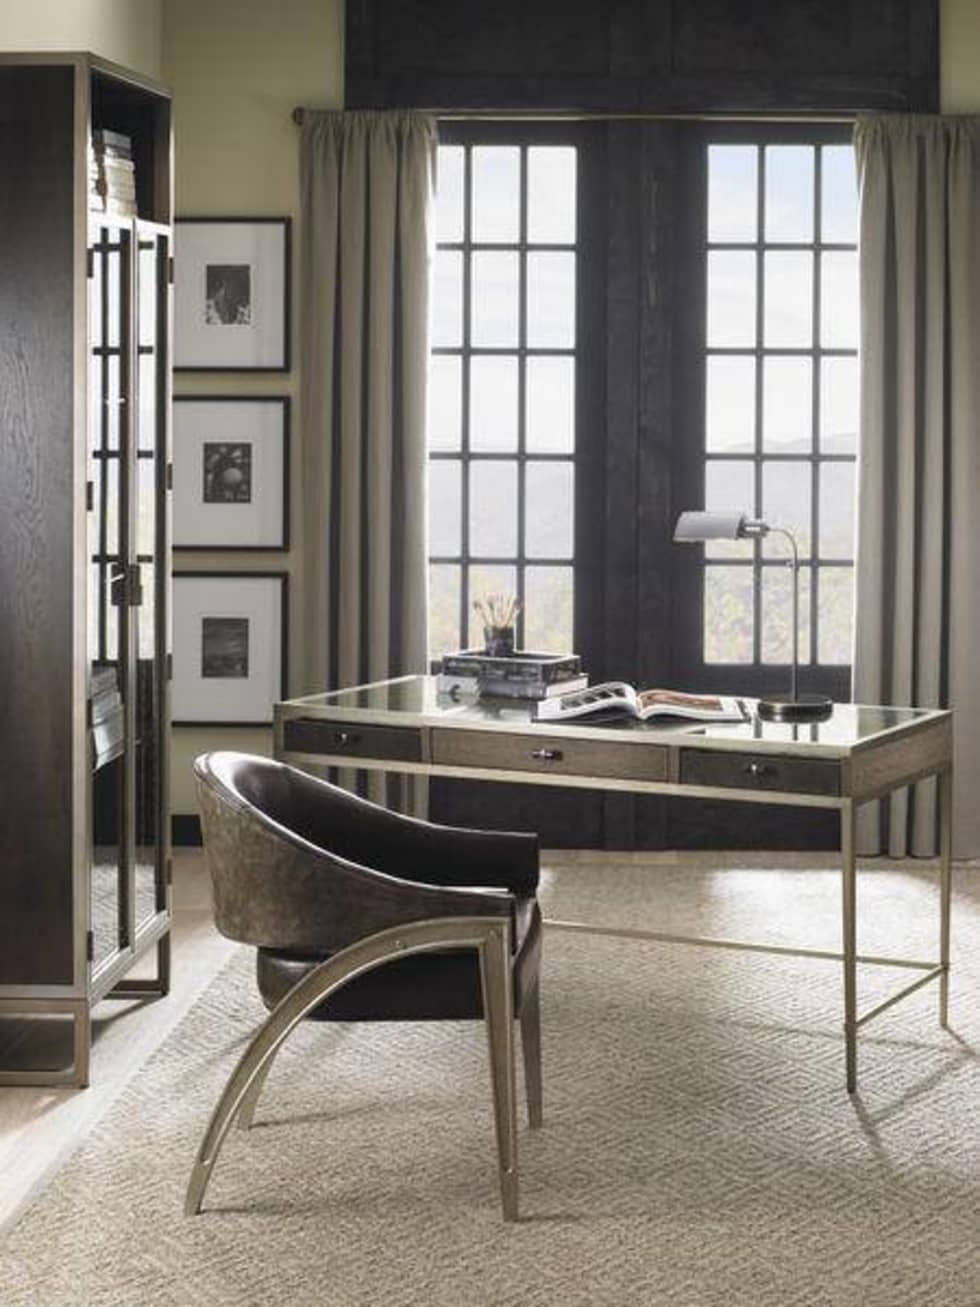 klassische designer mobel von turati boiseries, wohnideen, interior design, einrichtungsideen & bilder | homify, Design ideen